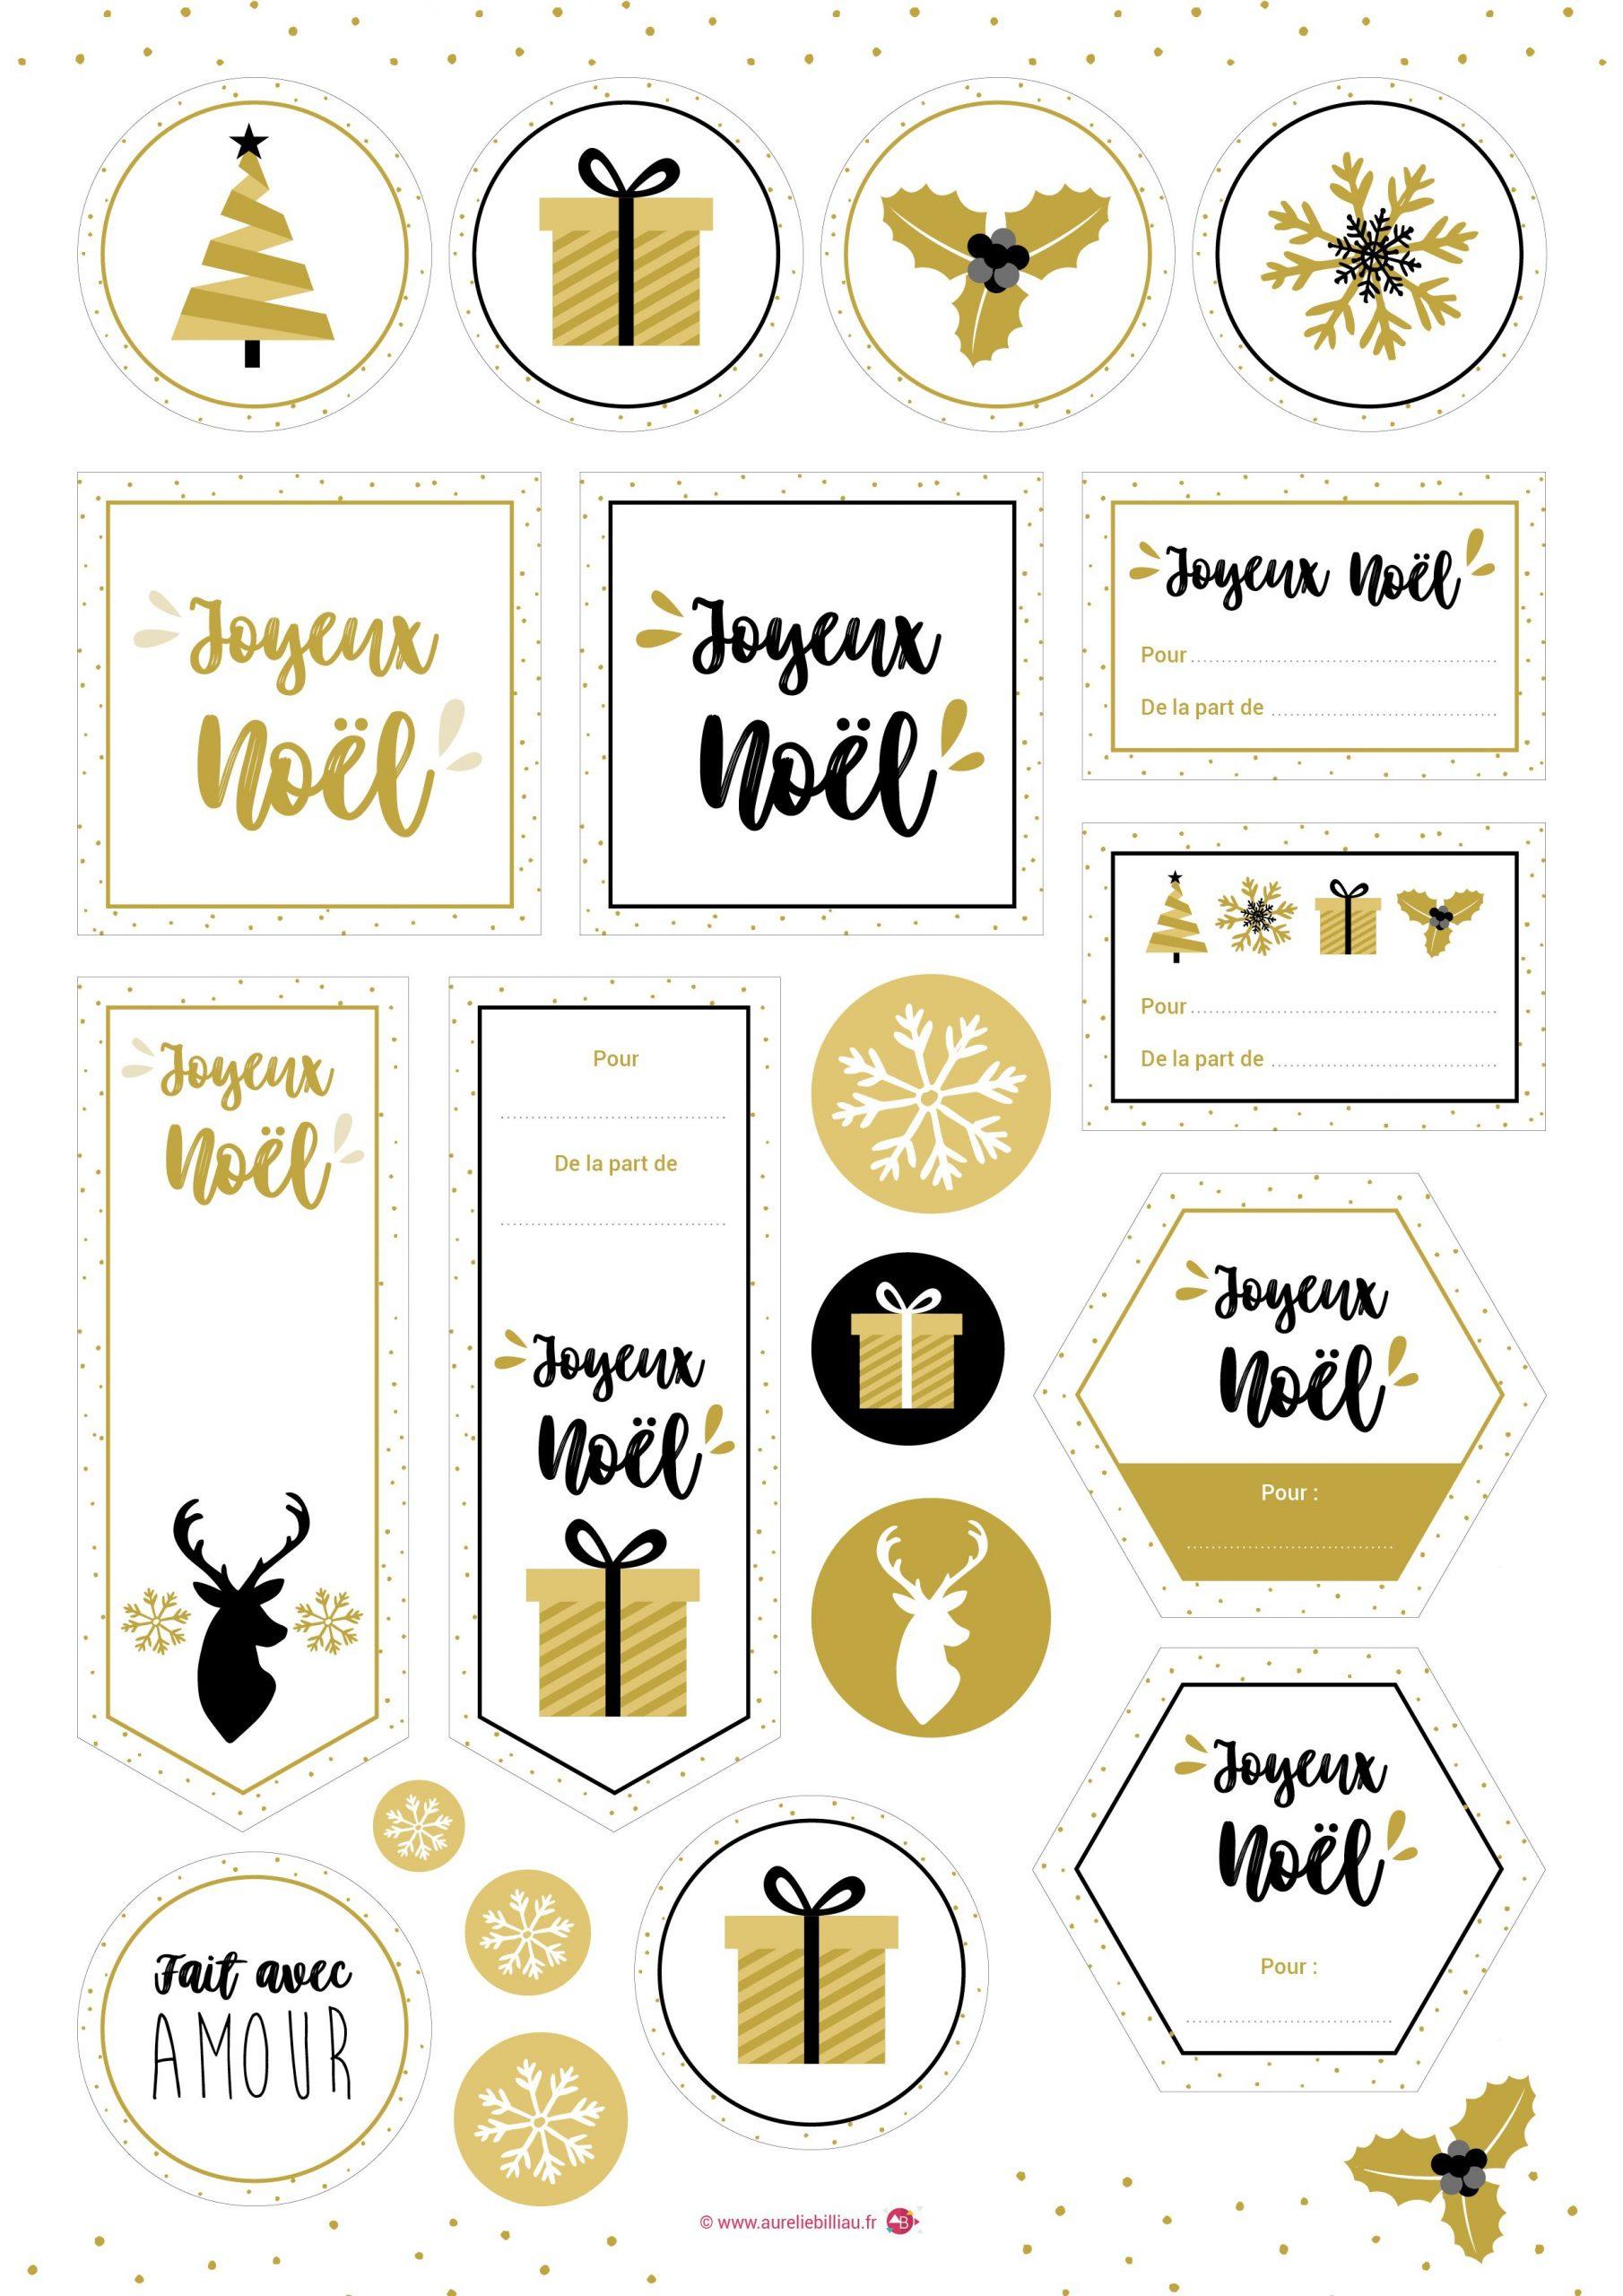 Freebies : Étiquettes De Noël À Imprimer Gratuitement ! Ce serapportantà Etiquette Cadeau Noel A Imprimer Gratuitement